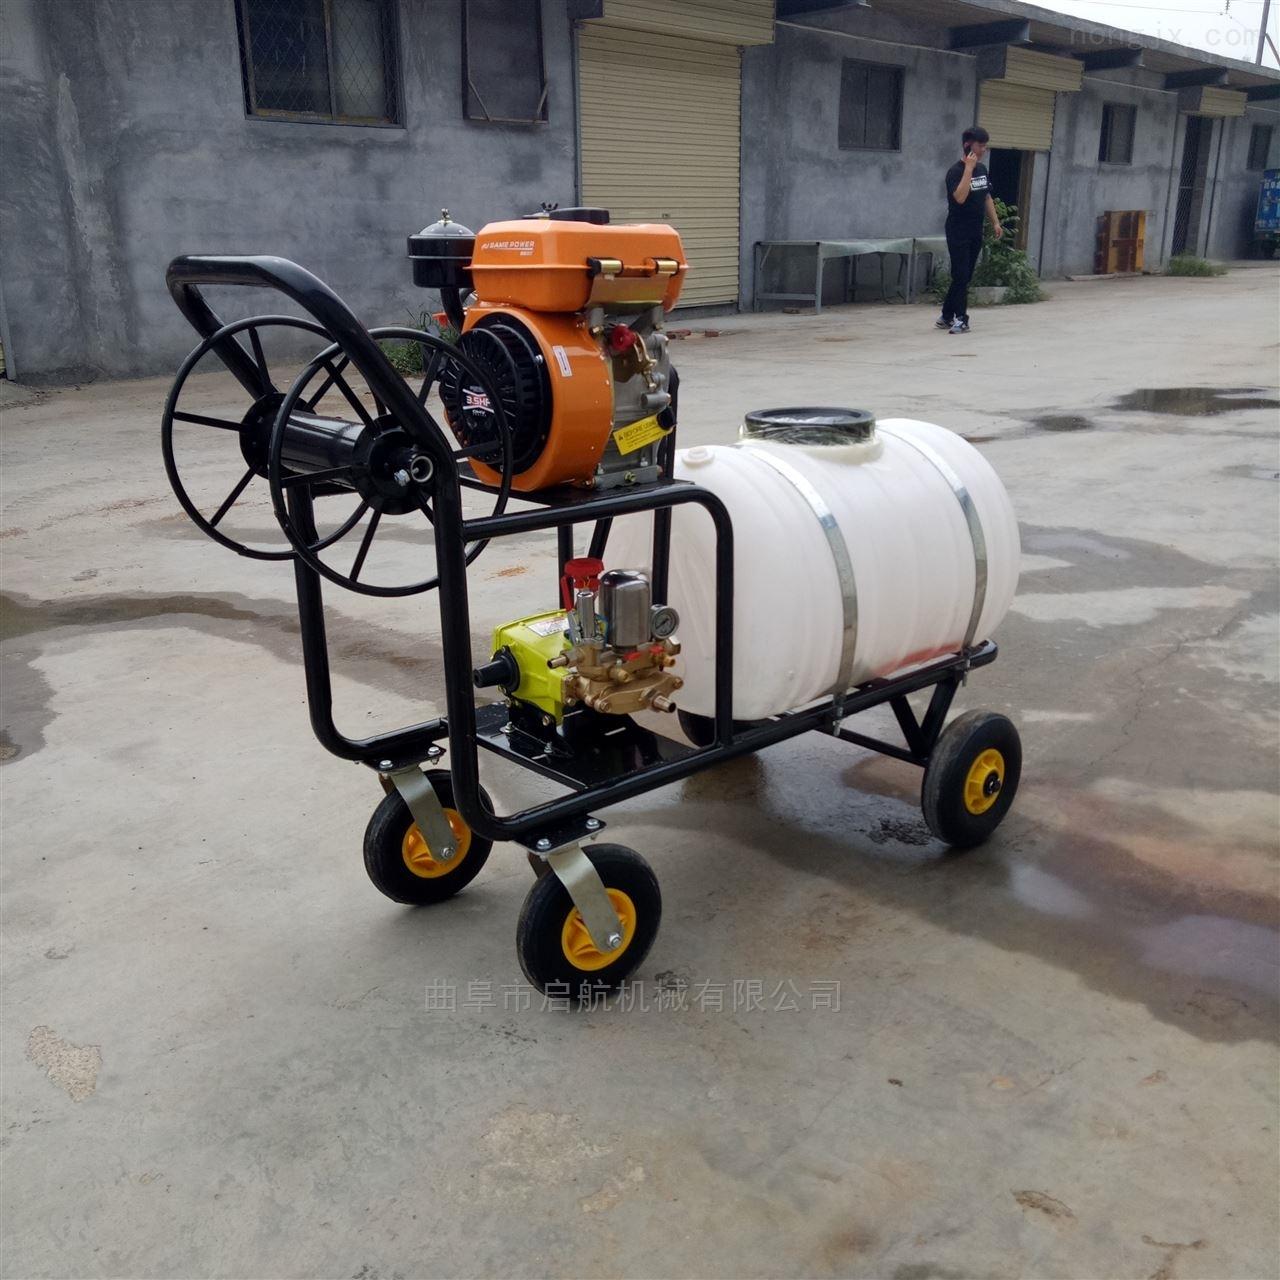 蔬菜園噴霧器 三輪柴油打藥機 電啟動打藥車